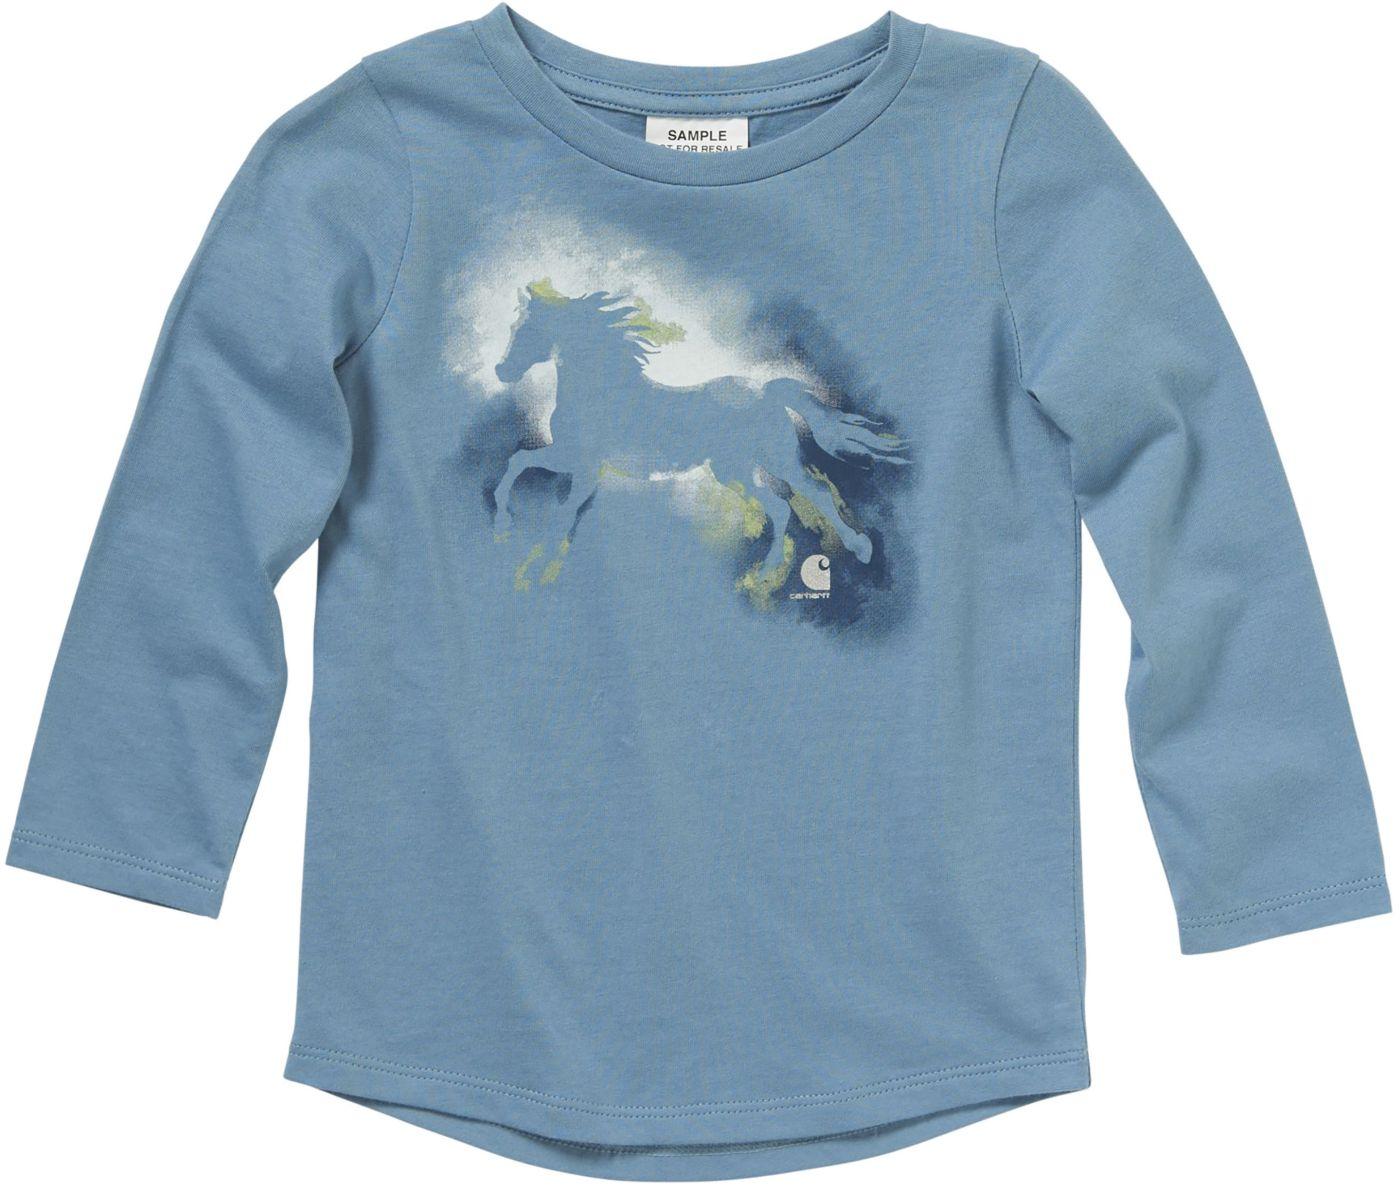 Carhartt Toddler Girls' Long Sleeve Watercolor Horse T-Shirt